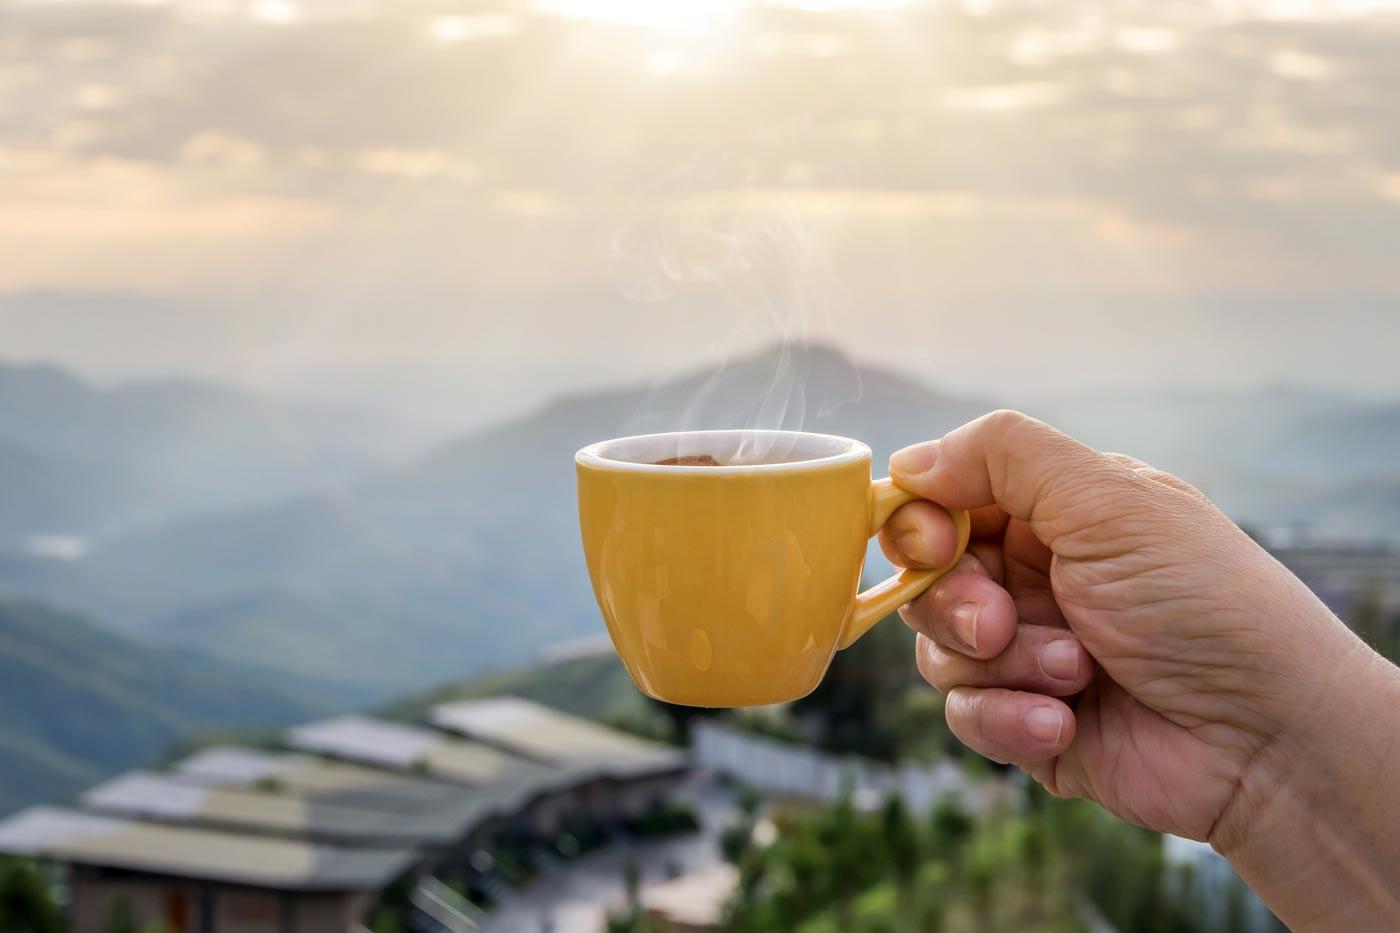 9 αρνητικές επιδράσεις του καφέ & της καφεΐνης στον οργανισμό